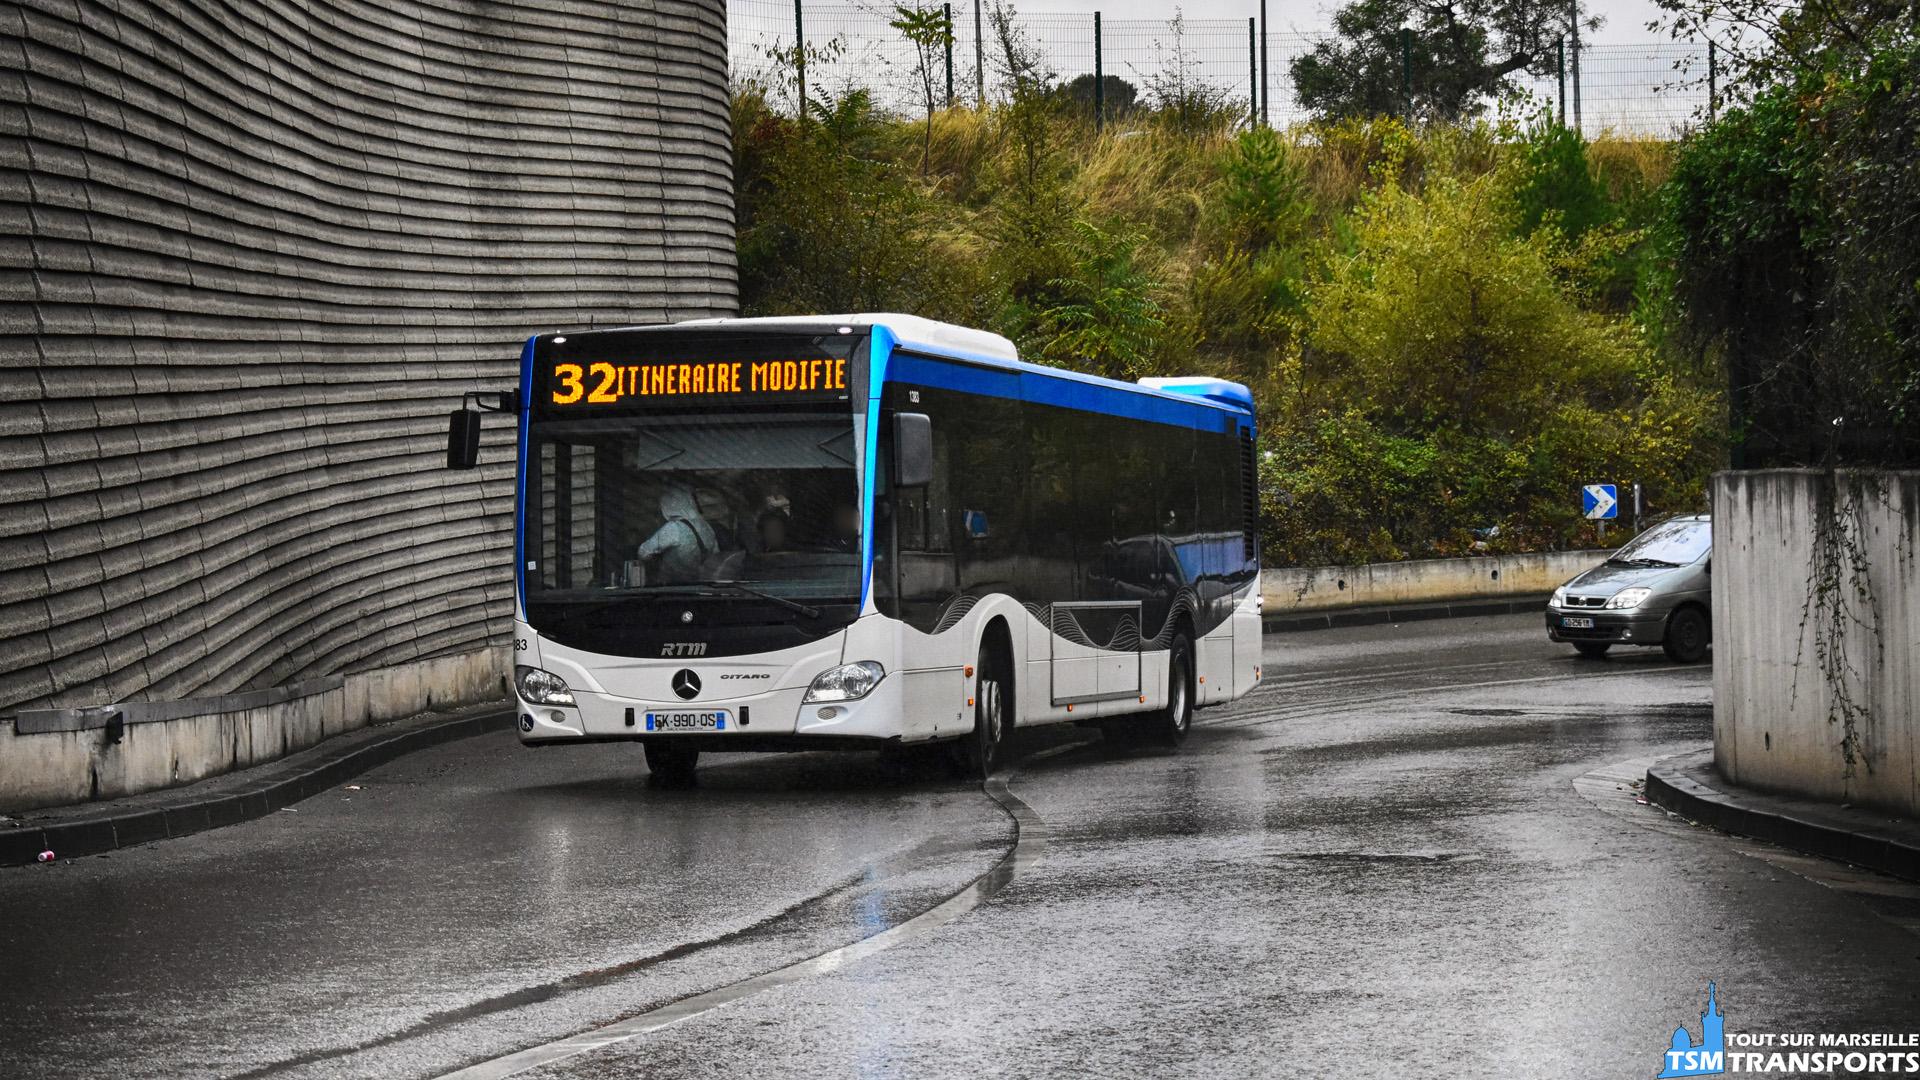 Suite aux travaux du Pont SNCF de Saint Barthélemy, le trafic routier a été impacté, notamment par la fermeture de l'Avenue Claude Monet, par conséquent la RTM à déviée les lignes qui empruntent cet axe. . La ligne 32 (entre autres) se retrouve donc exceptionnellement sur la Rue Cade où je prends donc ce Mercedes Benz Citaro 2 Euro 6 dans la courbe et contre-courbe au niveau de la Halte de Picon Busserine. . ℹ️ Mercedes Benz Citaro 2 Euro 6 n°1383 RTM en service sur la ligne 32 en déviation. . 📍 Rue Cade, 14eme arrondissement de Marseille. . ↔️ 32 : Canebière Bourse - Saint Jérôme IUT. . 📸 Nikon D5600. . 📷 Nikkor 18-55mm. . 📅 28 octobre 2018 à 17:06. . 👨 Sébastien ESPOSITO.